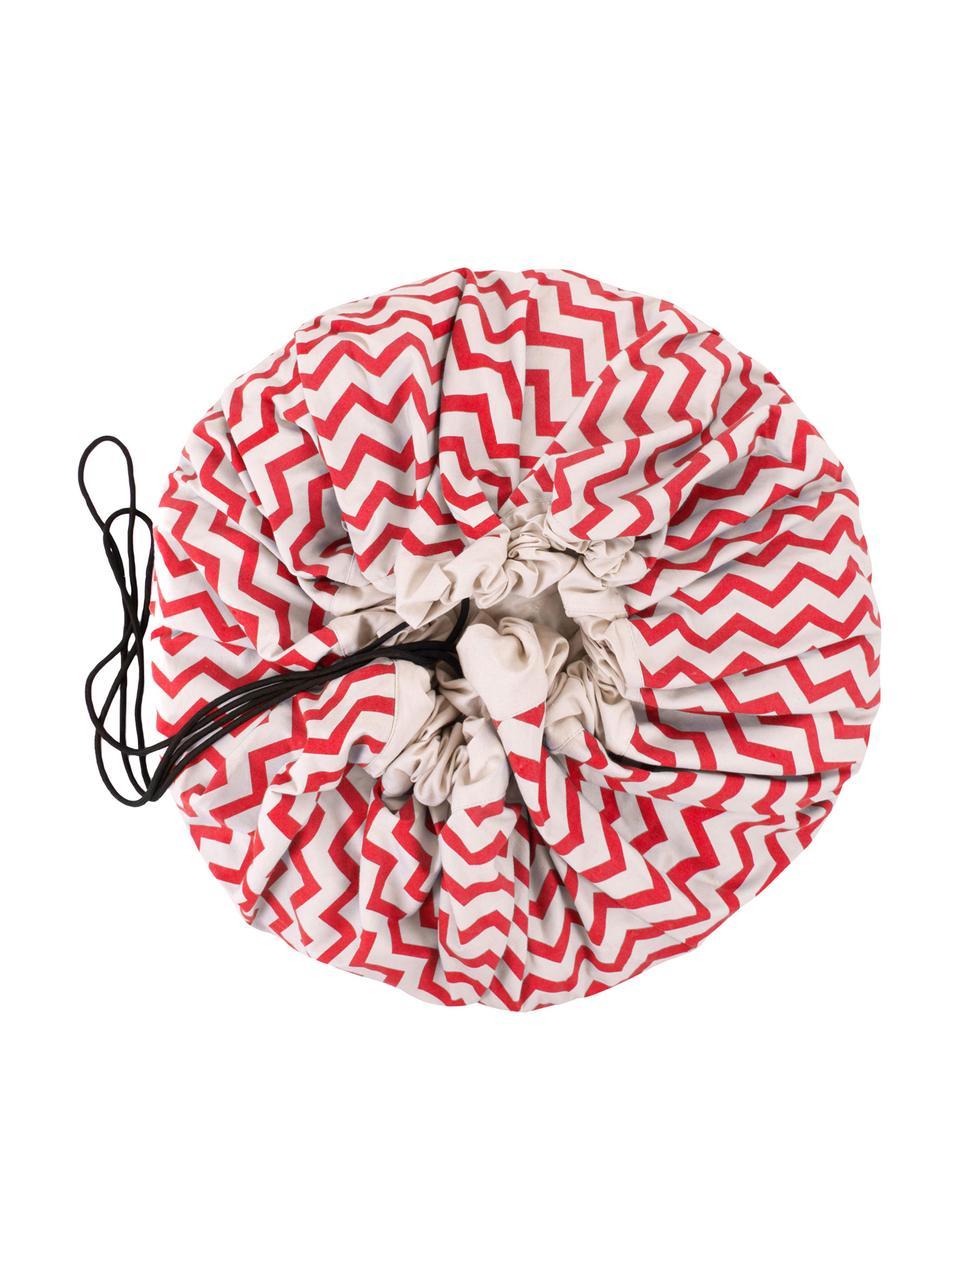 Spieldecke Zigzag, Polyester, Rot, Weiß, Ø 140 cm